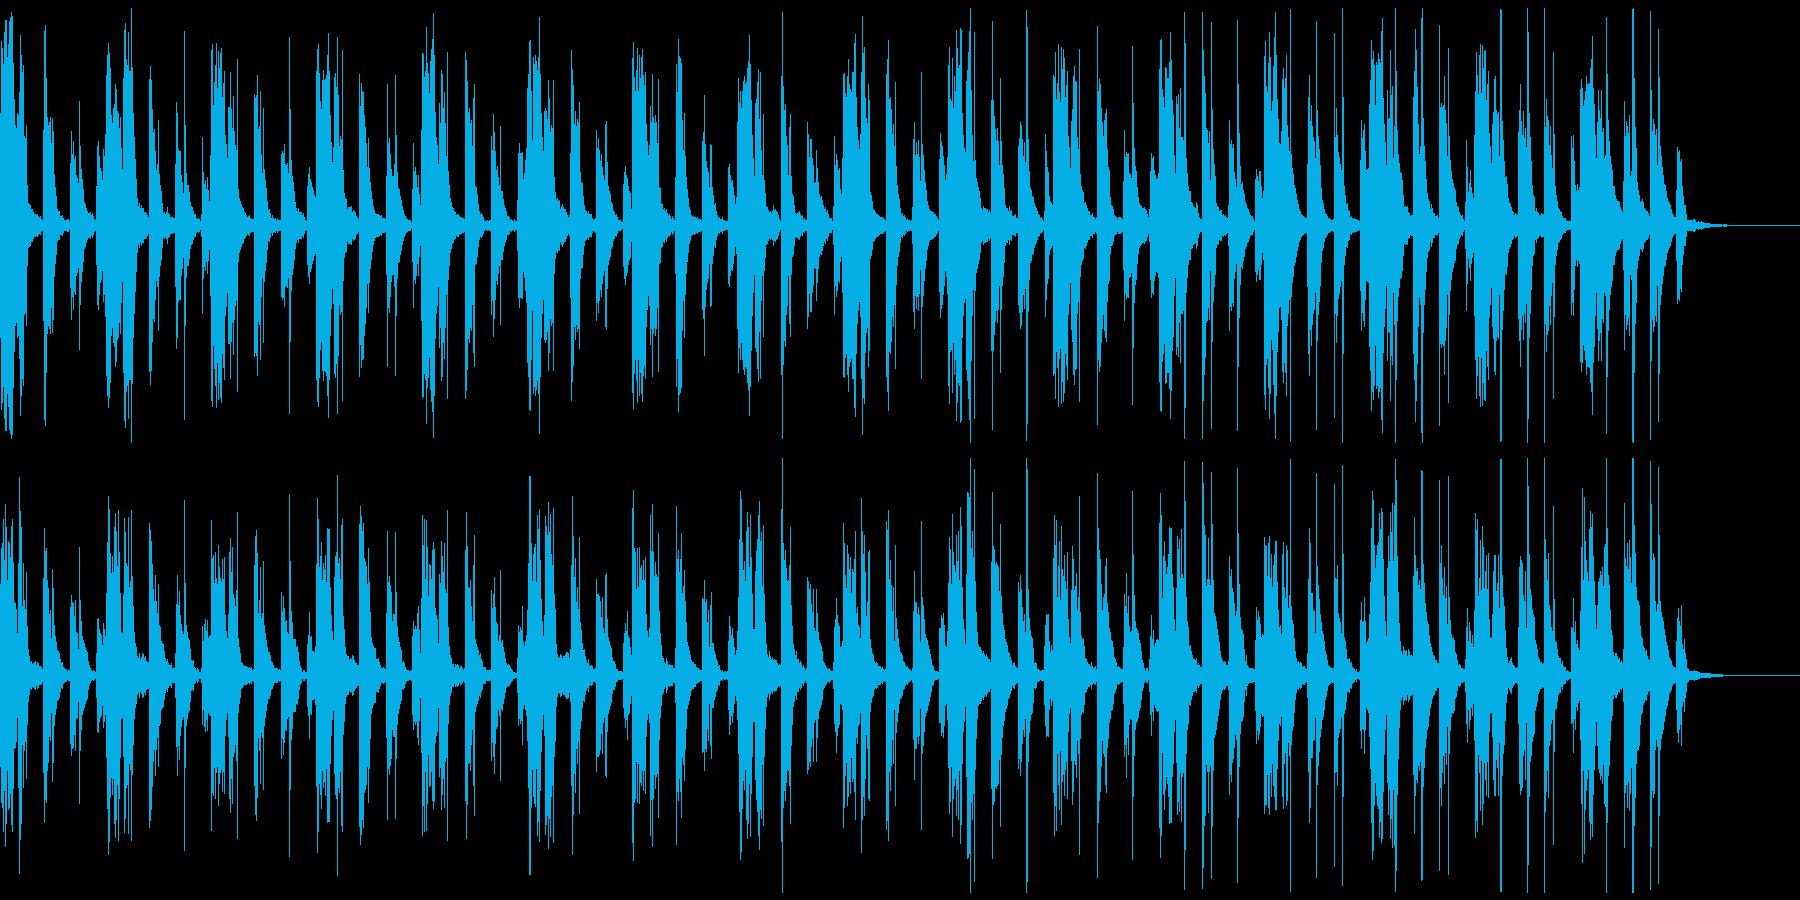 ブラスのシンプルな曲の再生済みの波形